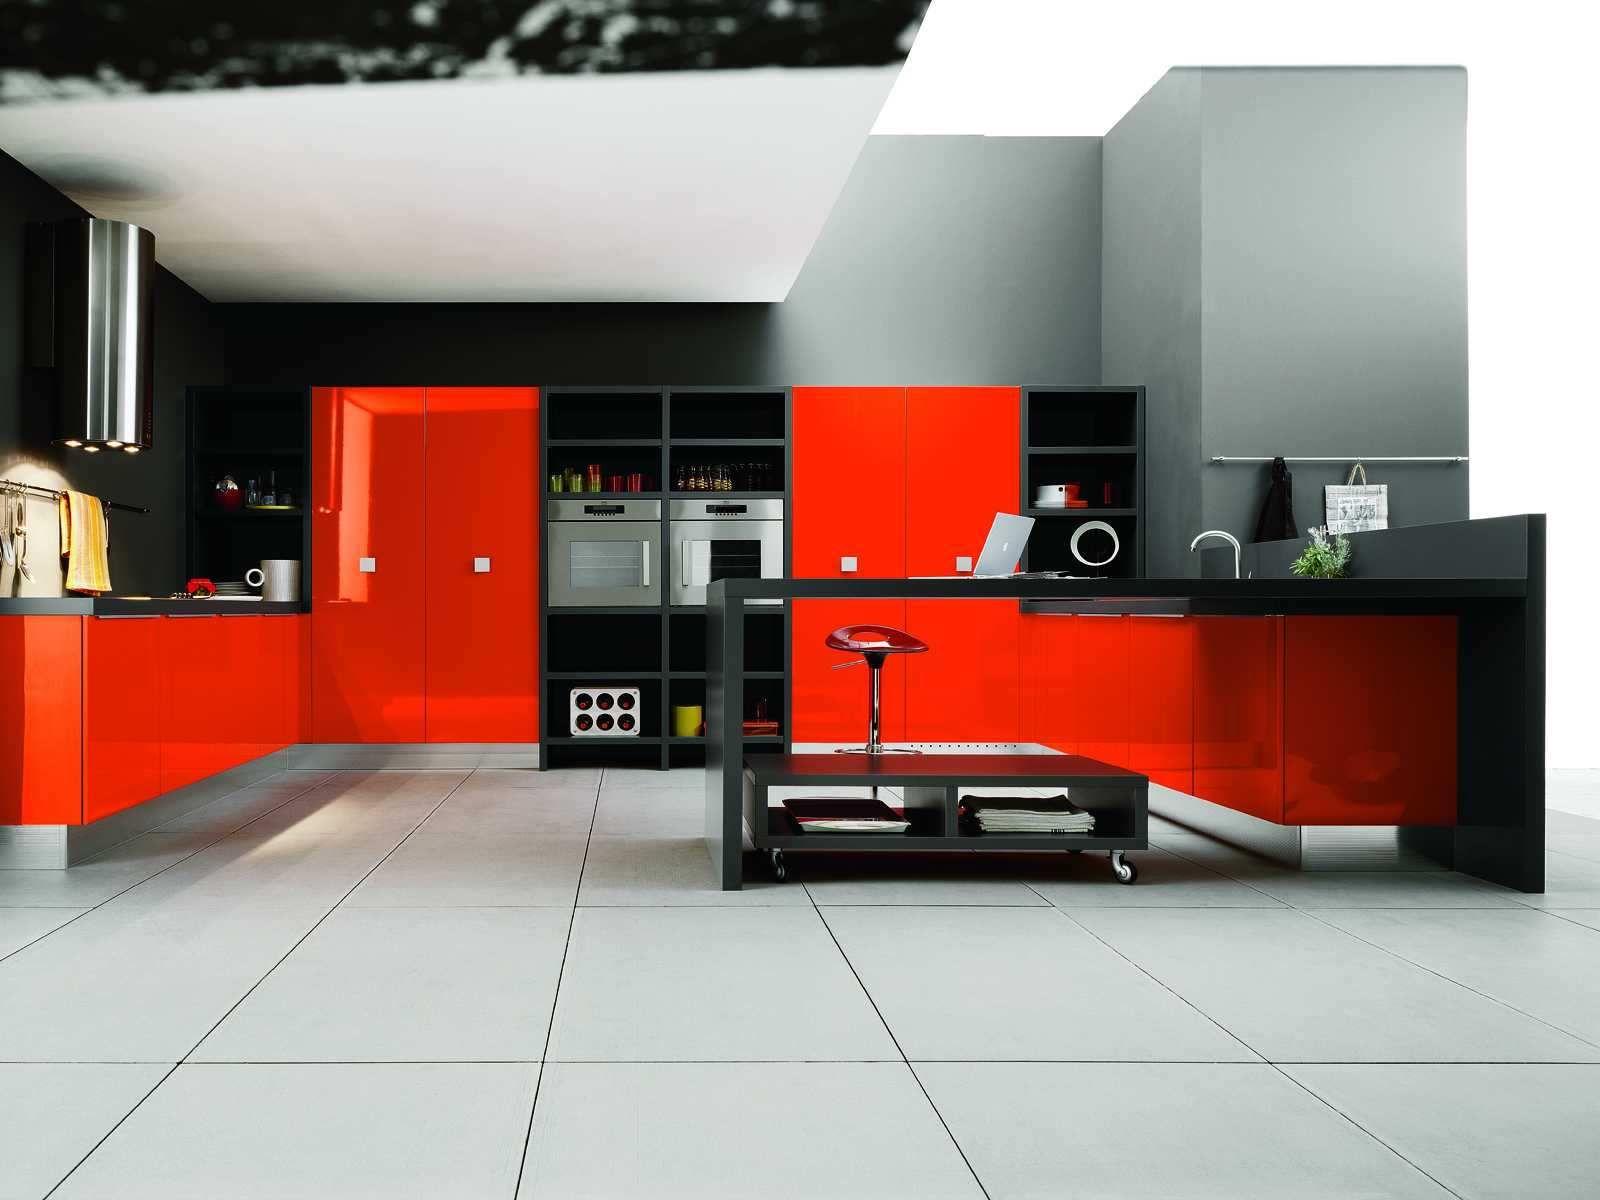 Kitchenbest Interior Design Kitchen With Red Domination Kitchen Brilliant Kitchen Design Red And Black Decorating Design